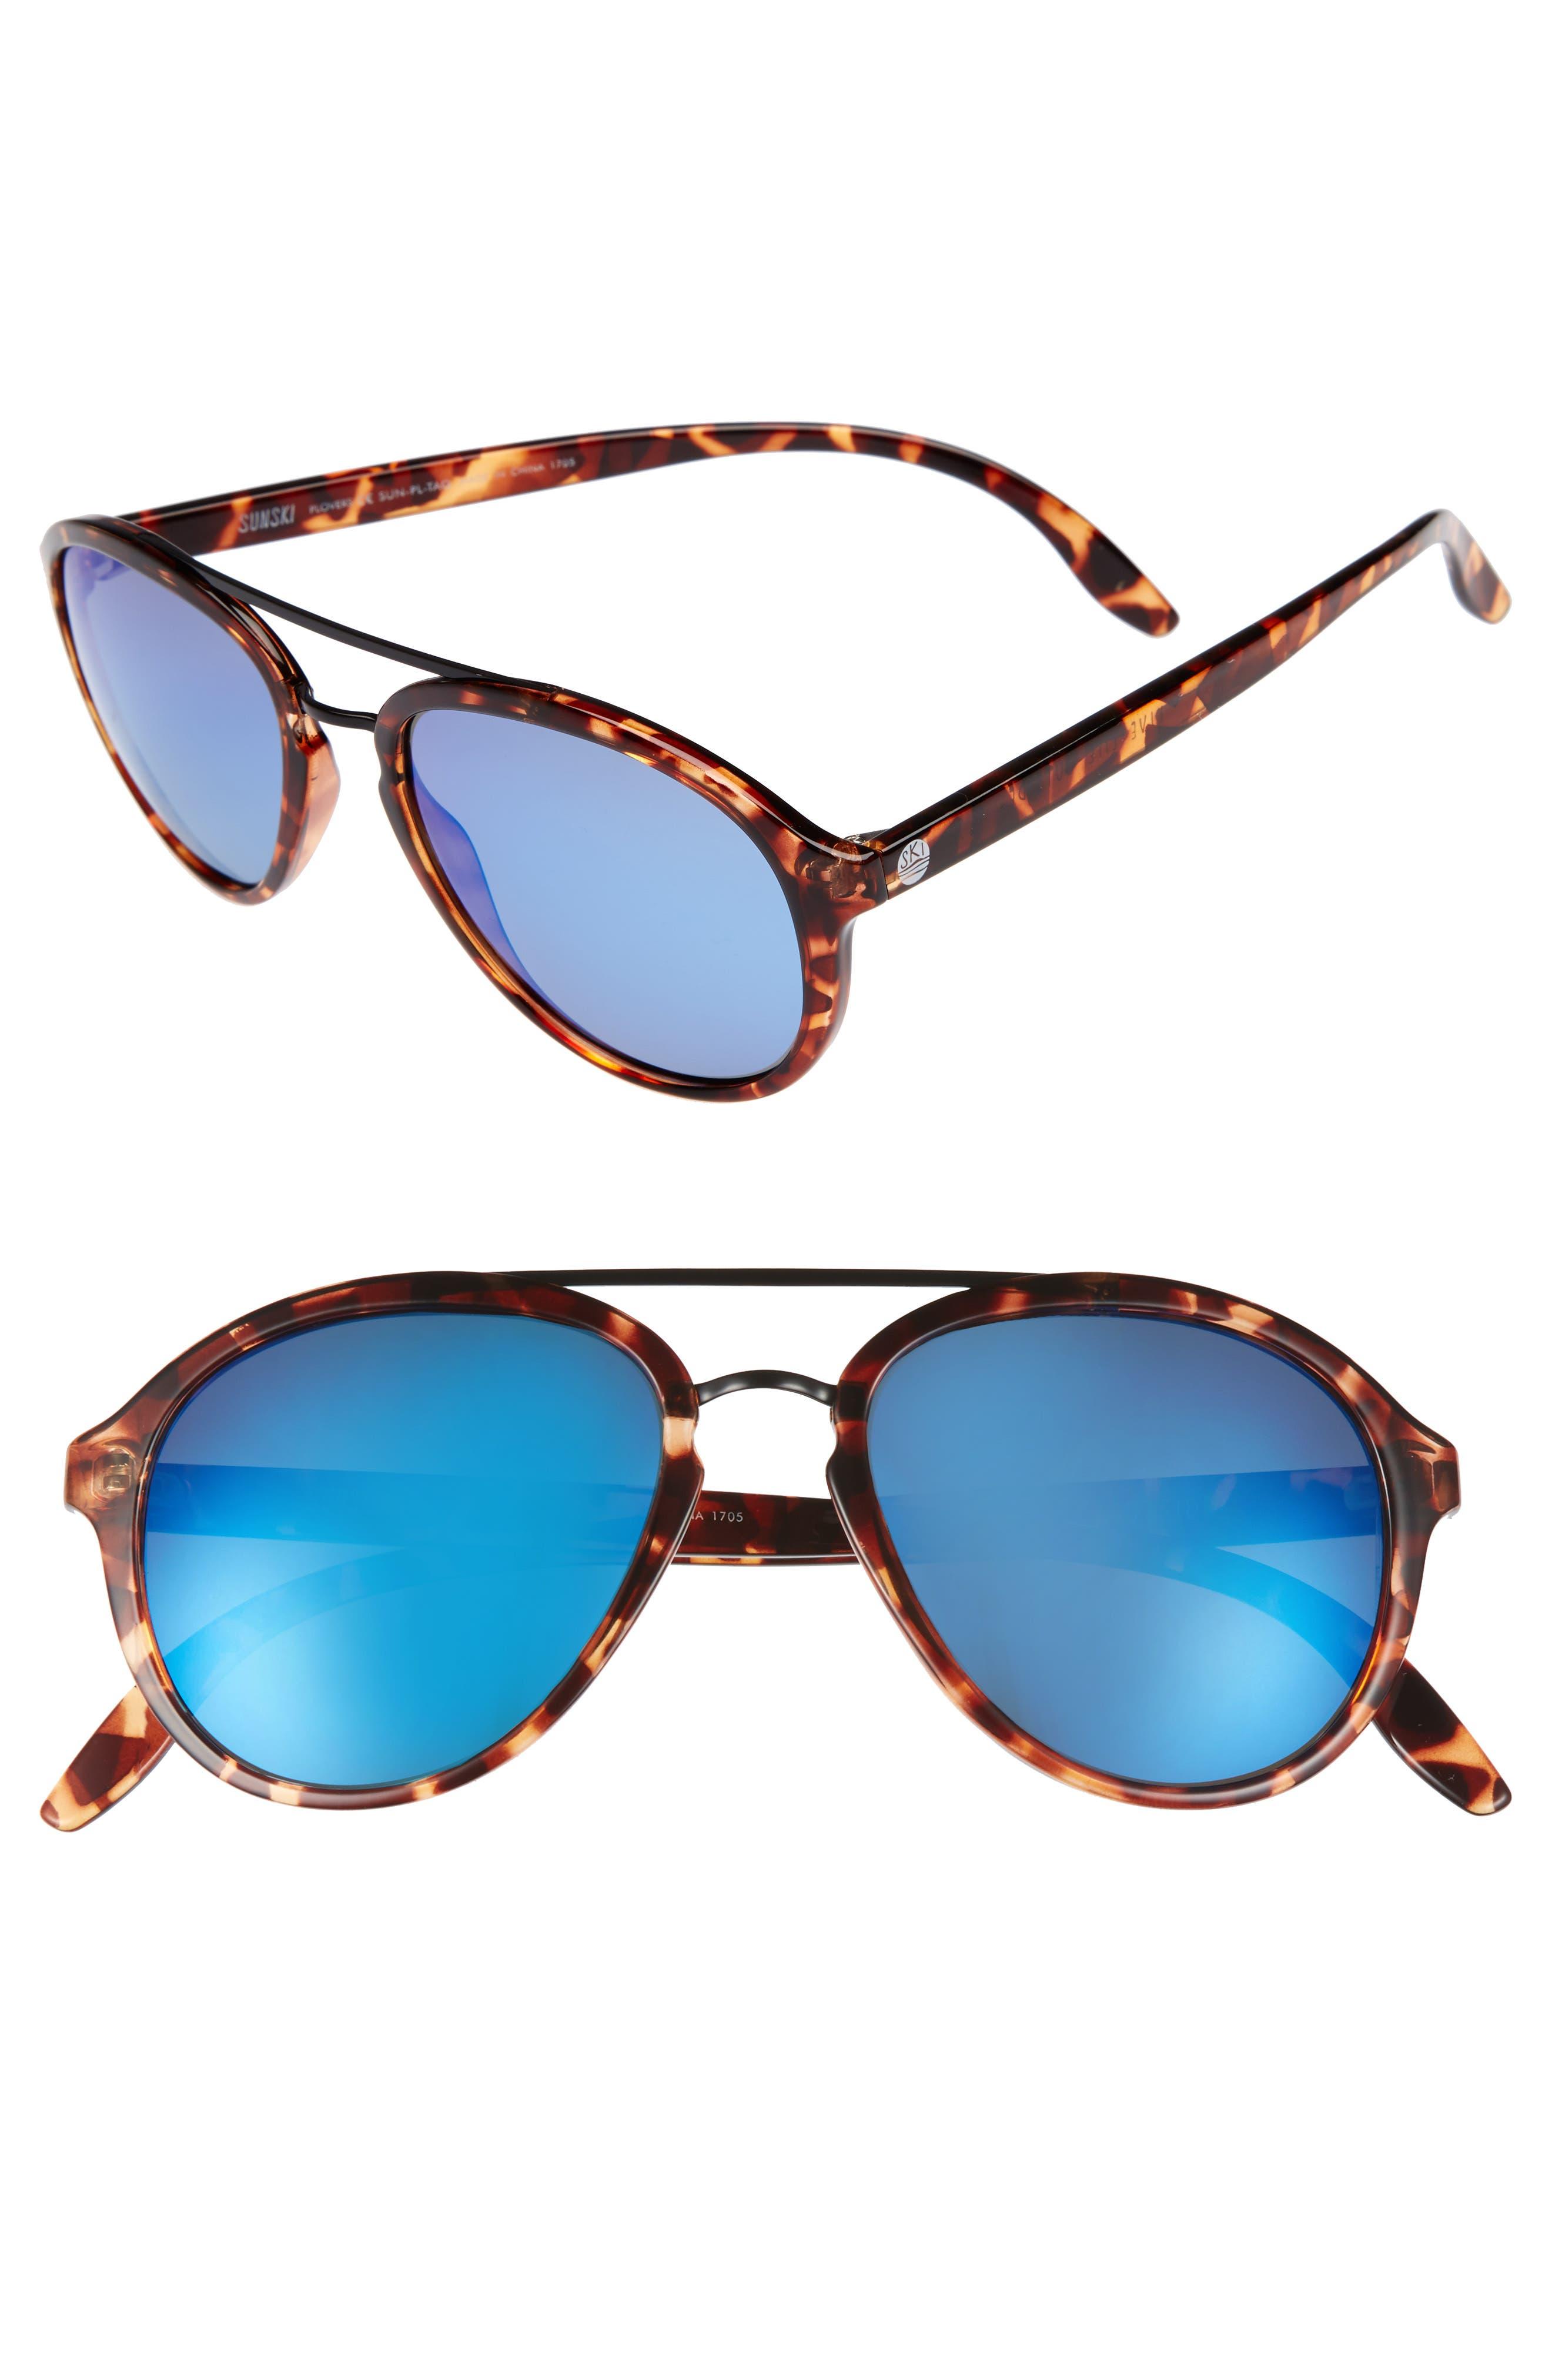 Sunski Plover 60Mm Polarized Sunglasses - Tortoise Aqua